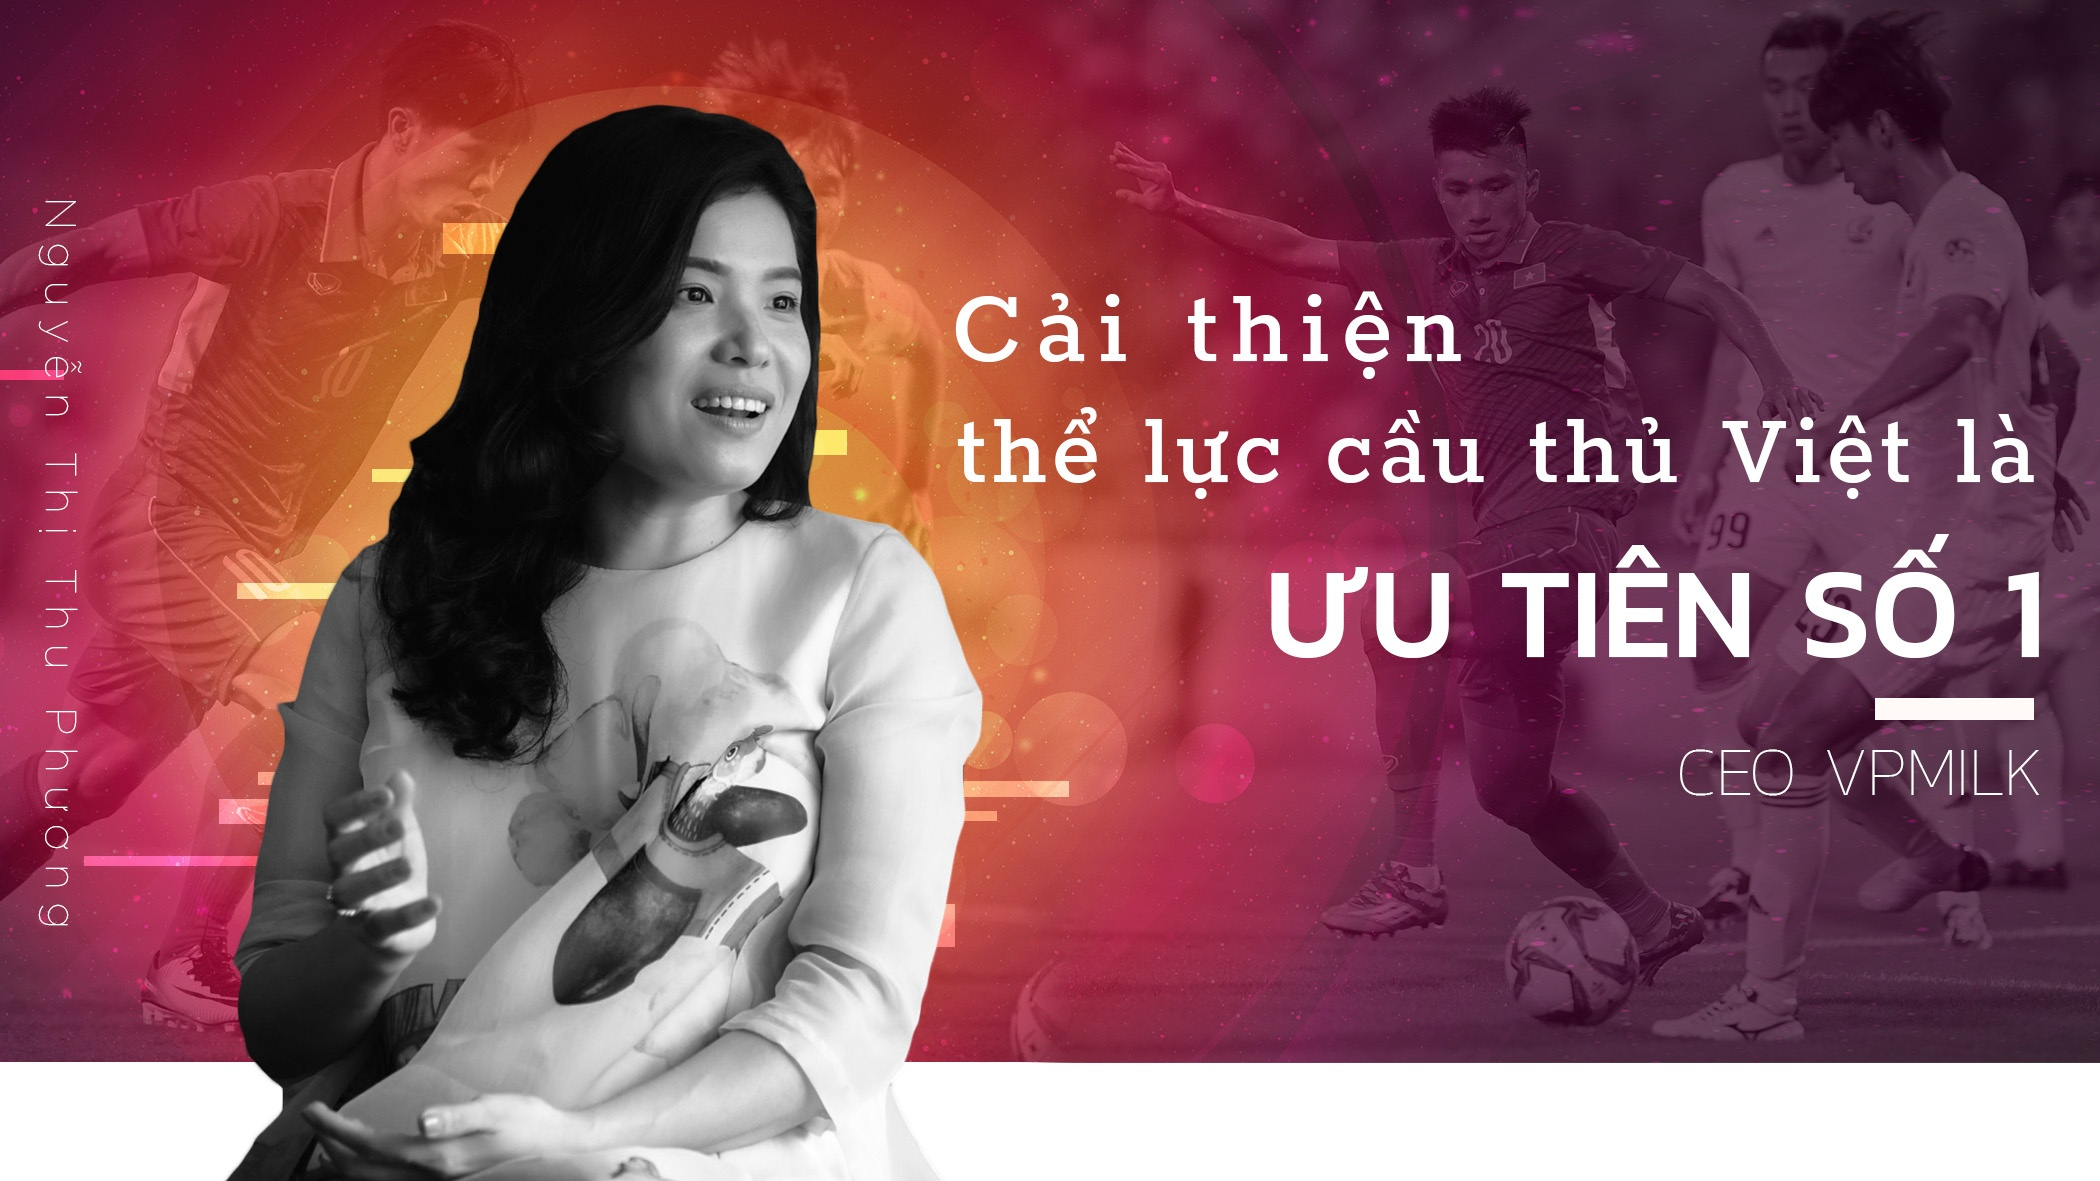 CEO VPMilk: 'Cai thien the luc cau thu Viet la uu tien so 1' hinh anh 1